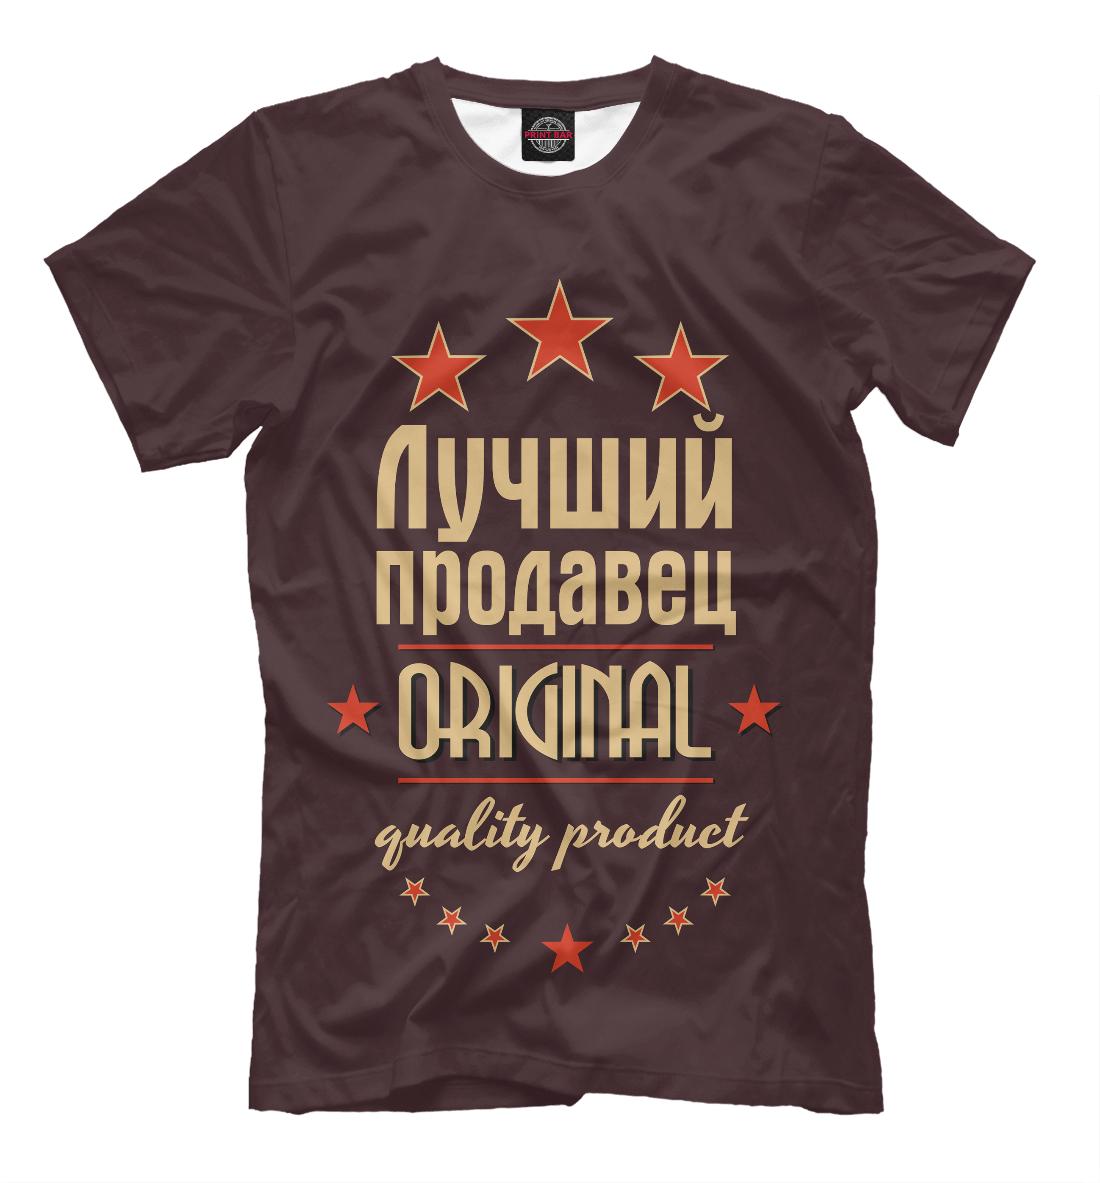 Купить Лучший продавец, Printbar, Футболки, PRF-219683-fut-2